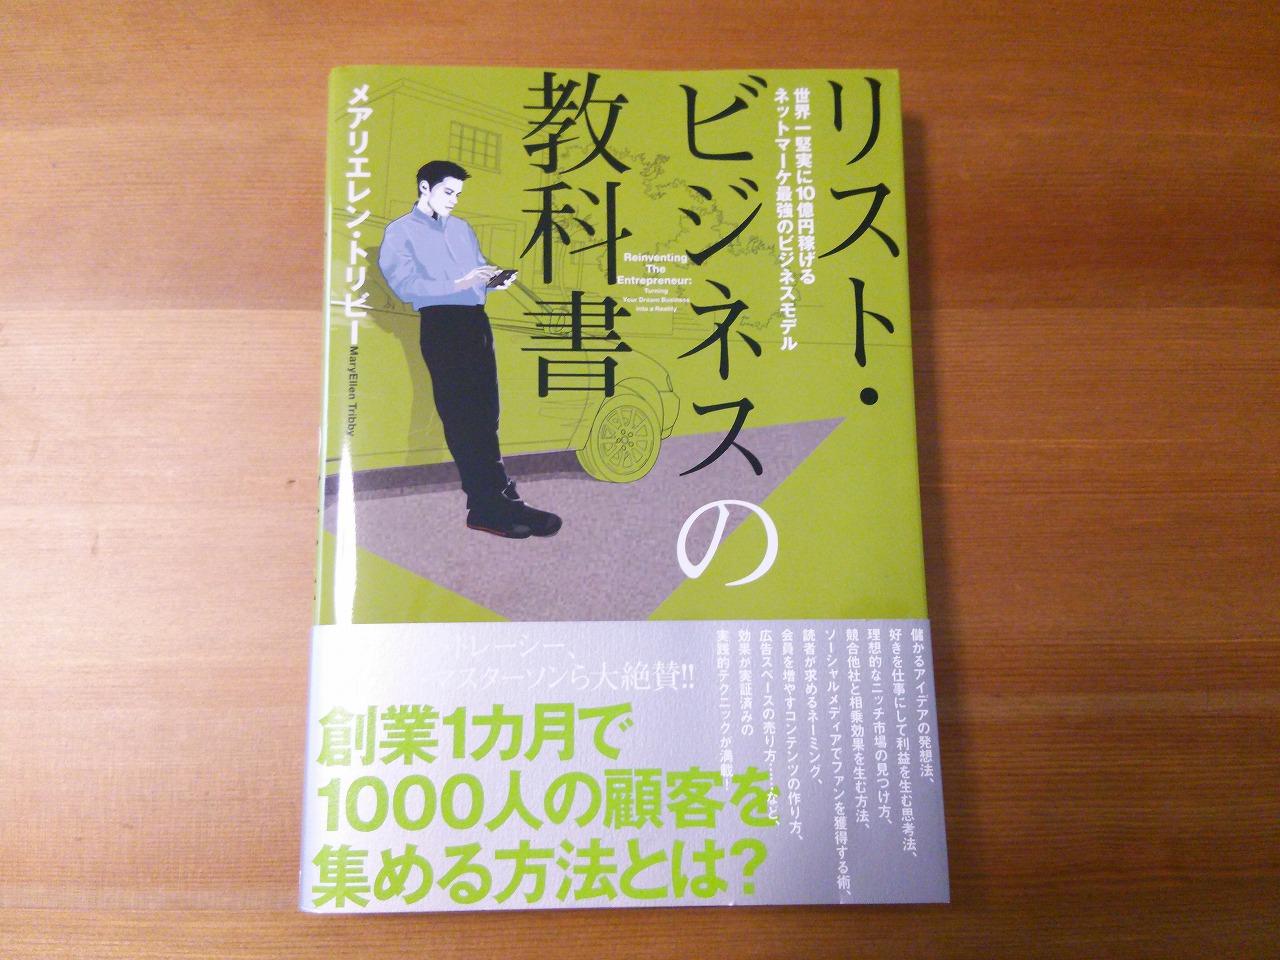 リスト・ビジネスの教科書 レビュー 口コミ